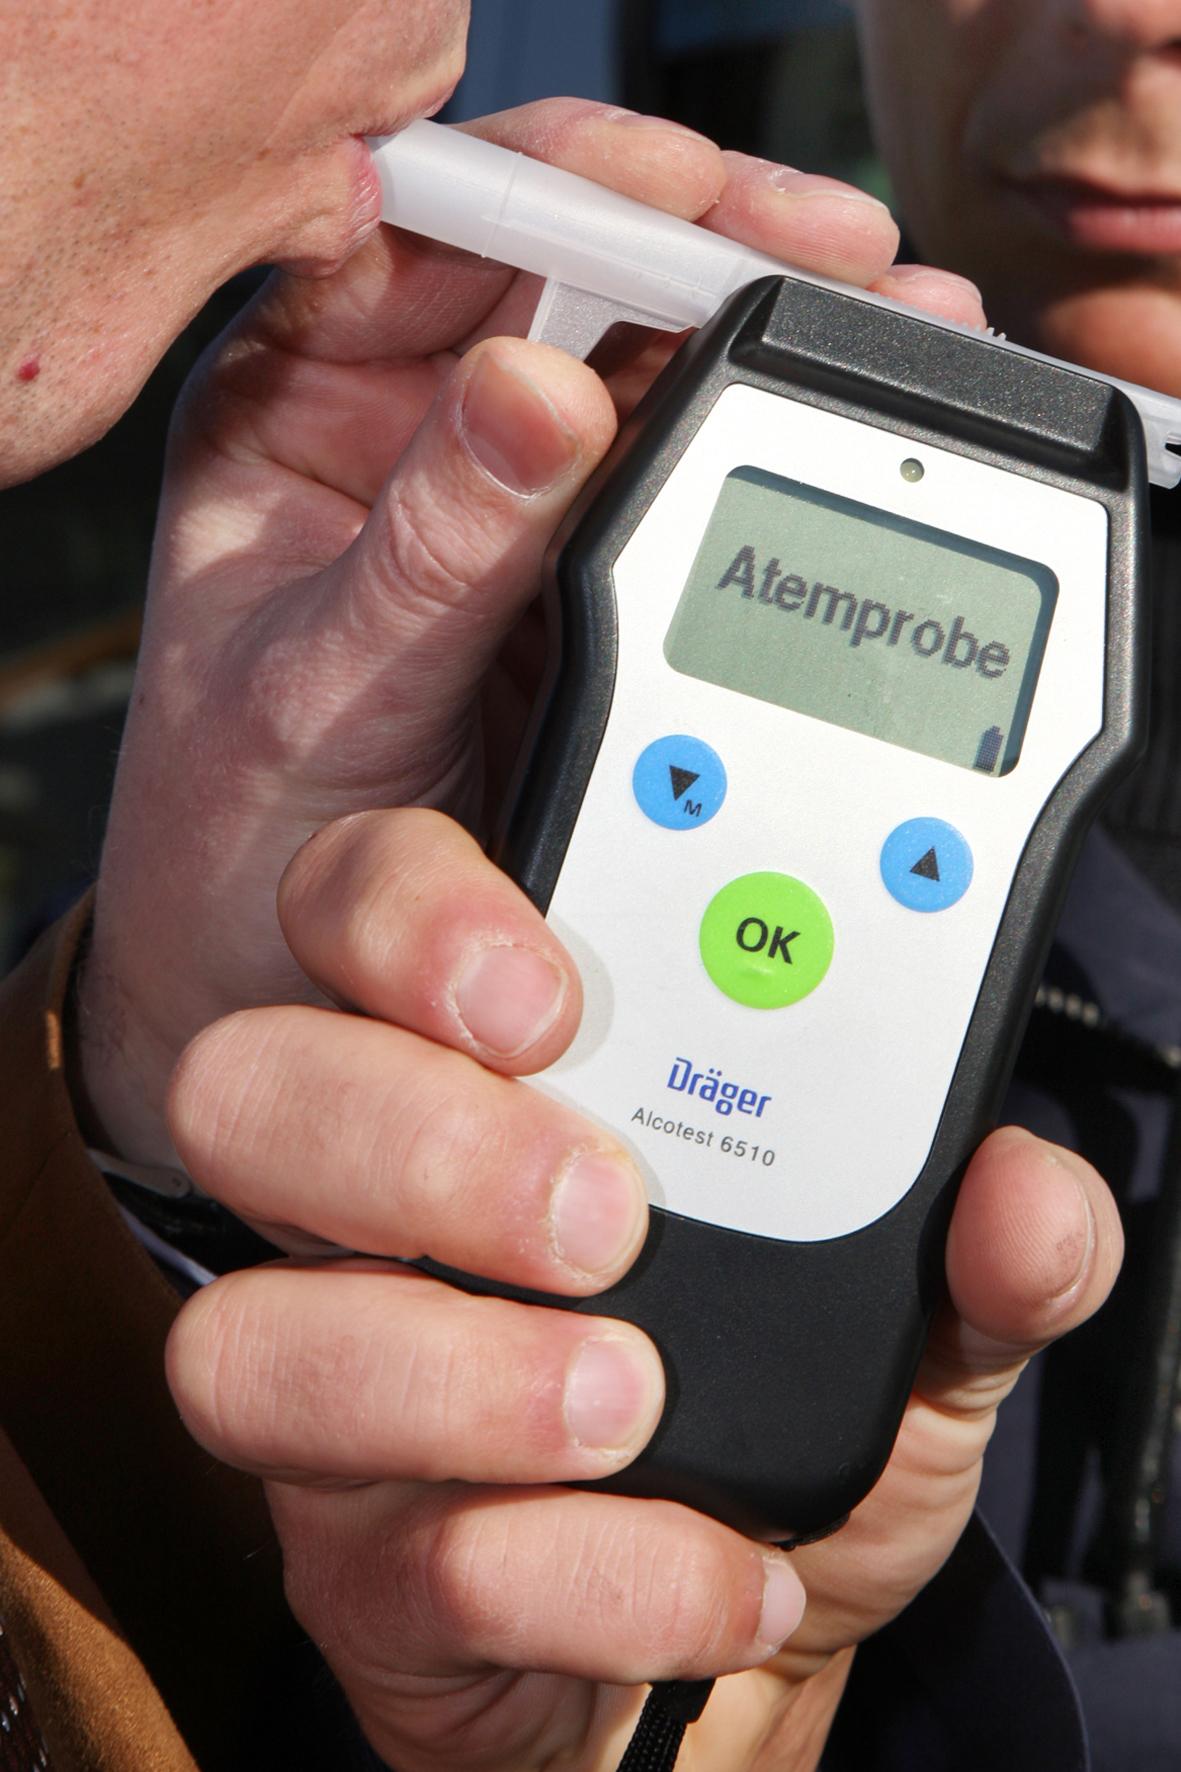 mid Groß-Gerau - Die Stunde der Wahrheit: Die Alkohol-Messgeräte der Polizei sind meist sehr genau. Auf billige Geräte zum Promille-Selbsttest sollten sich Autofahrer dagegen nicht verlassen.